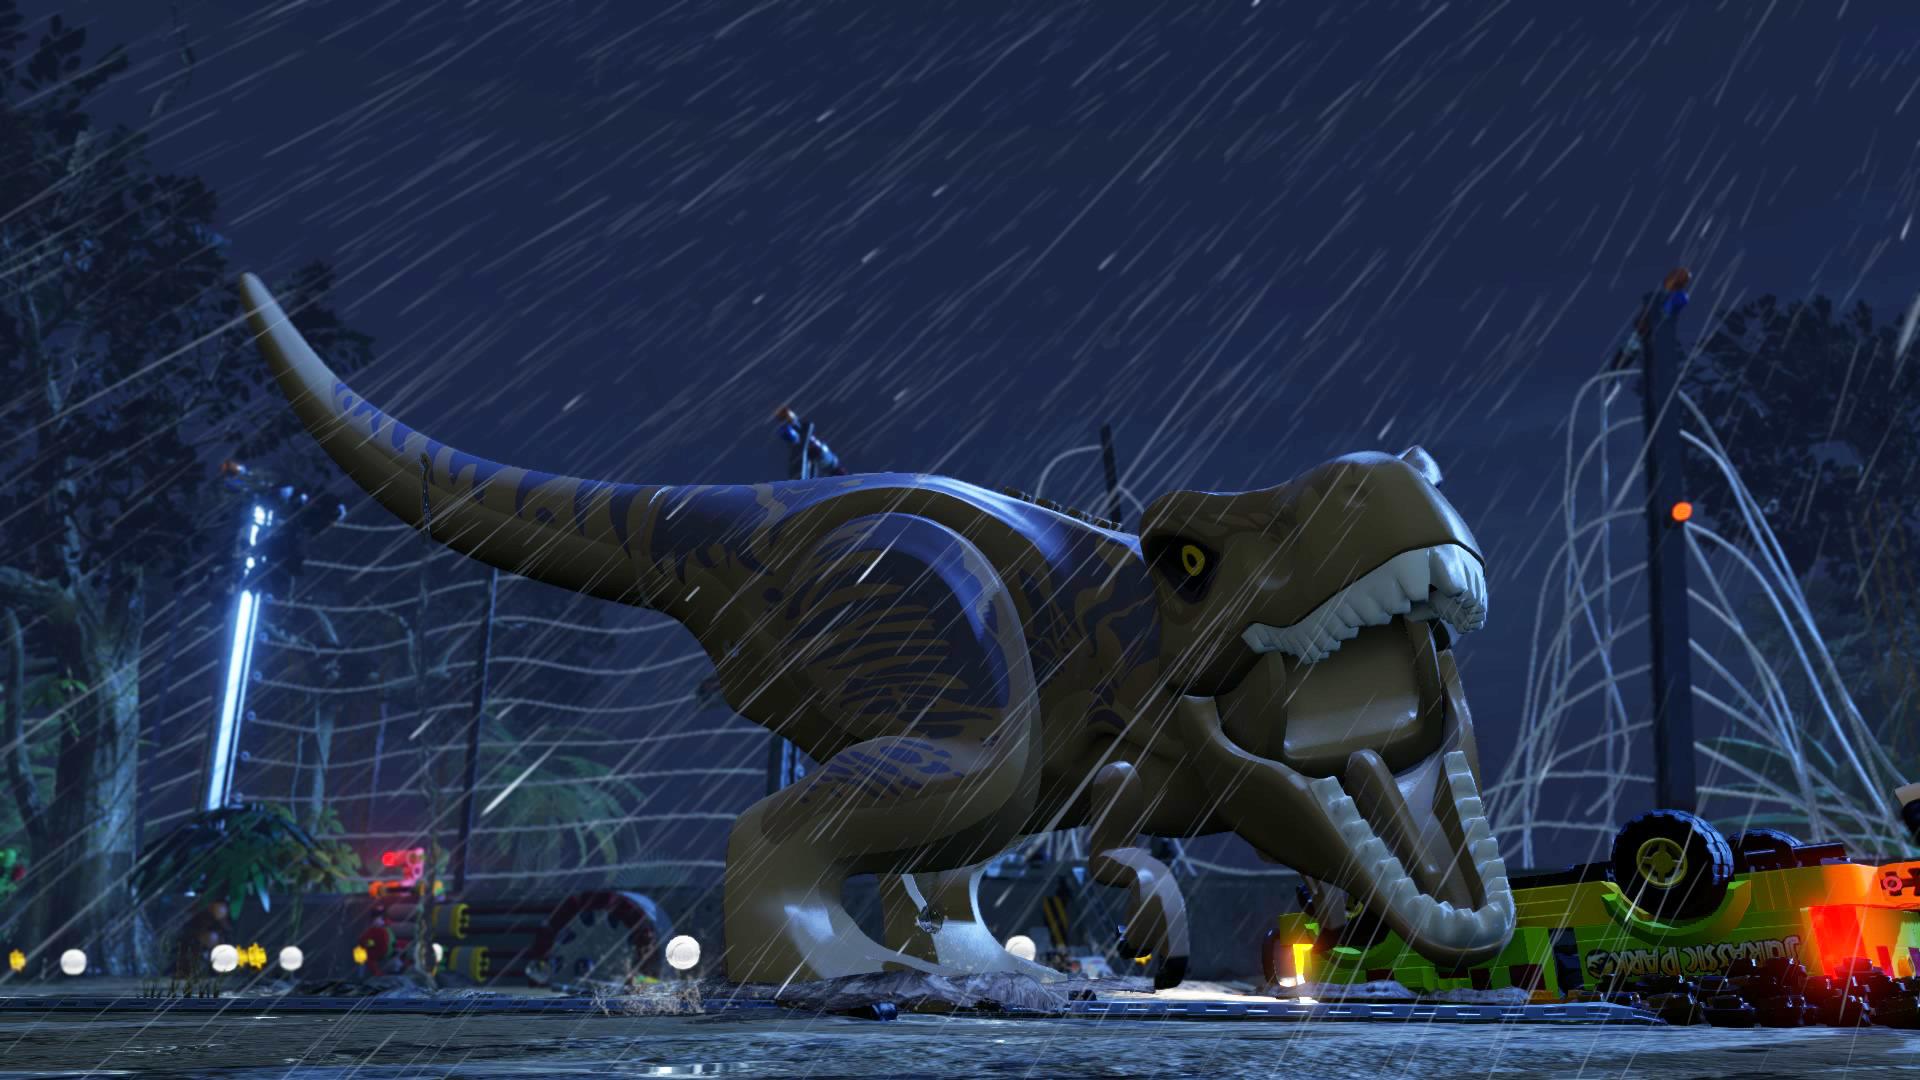 Der T-Rex möchte halt nicht eingesperrt werden. Er braucht Freiheit!